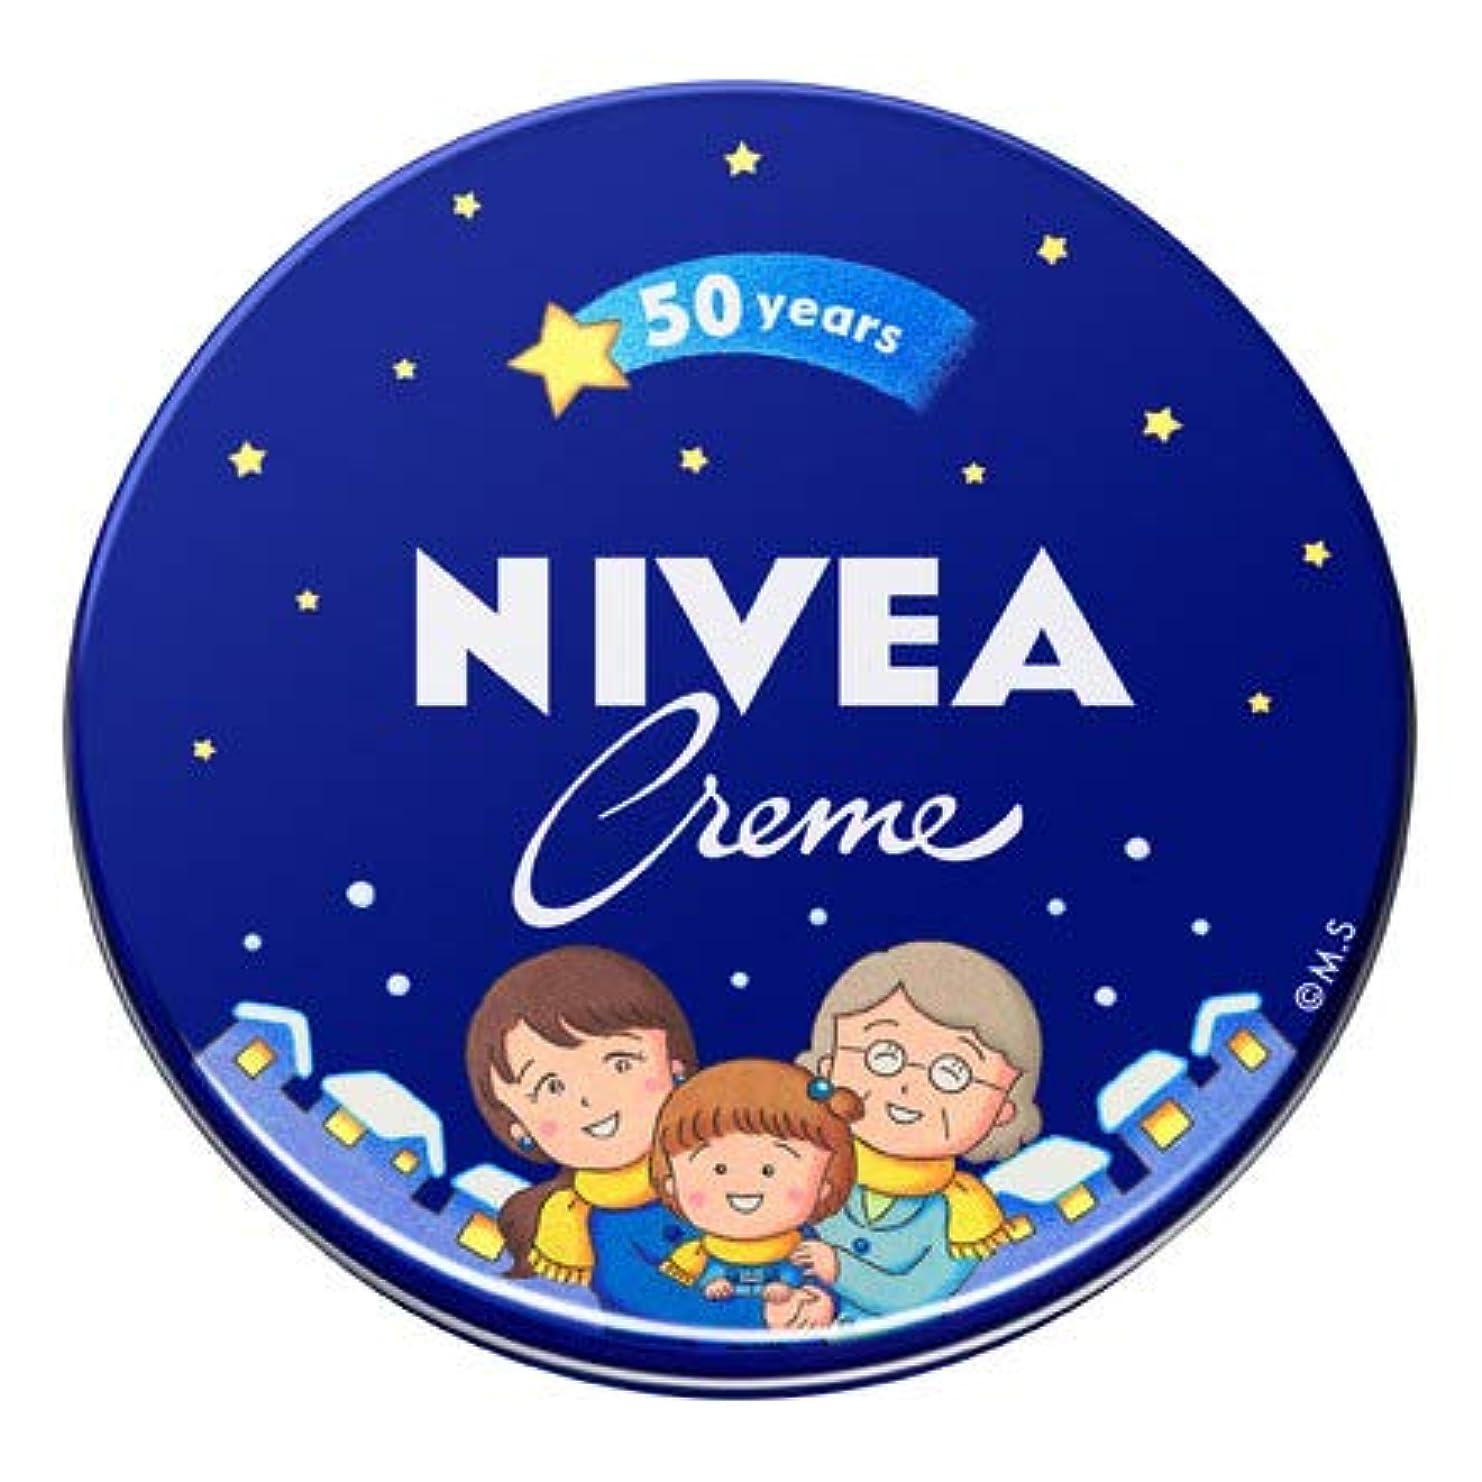 大腿買い手結紮NIVEA ニベアクリーム 中缶 56g さくらももこ限定デザイン